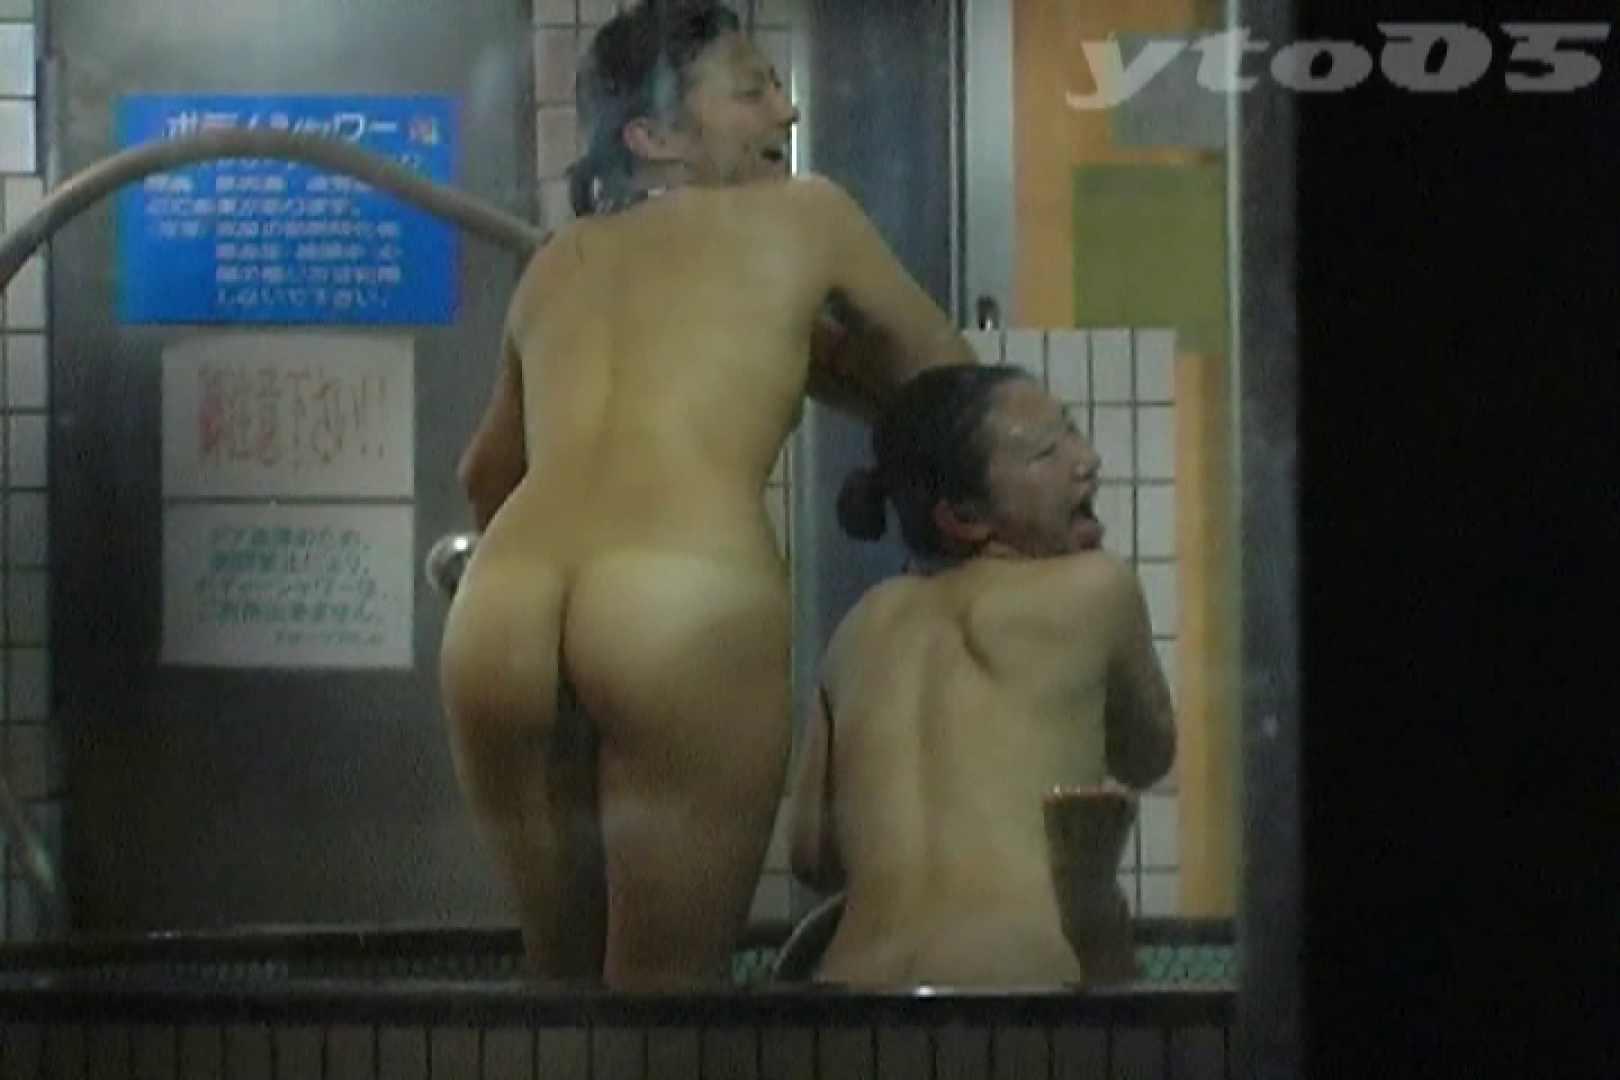 トイレ盗撮 ▲復活限定▲合宿ホテル女風呂盗撮 Vol.31 怪盗ジョーカー